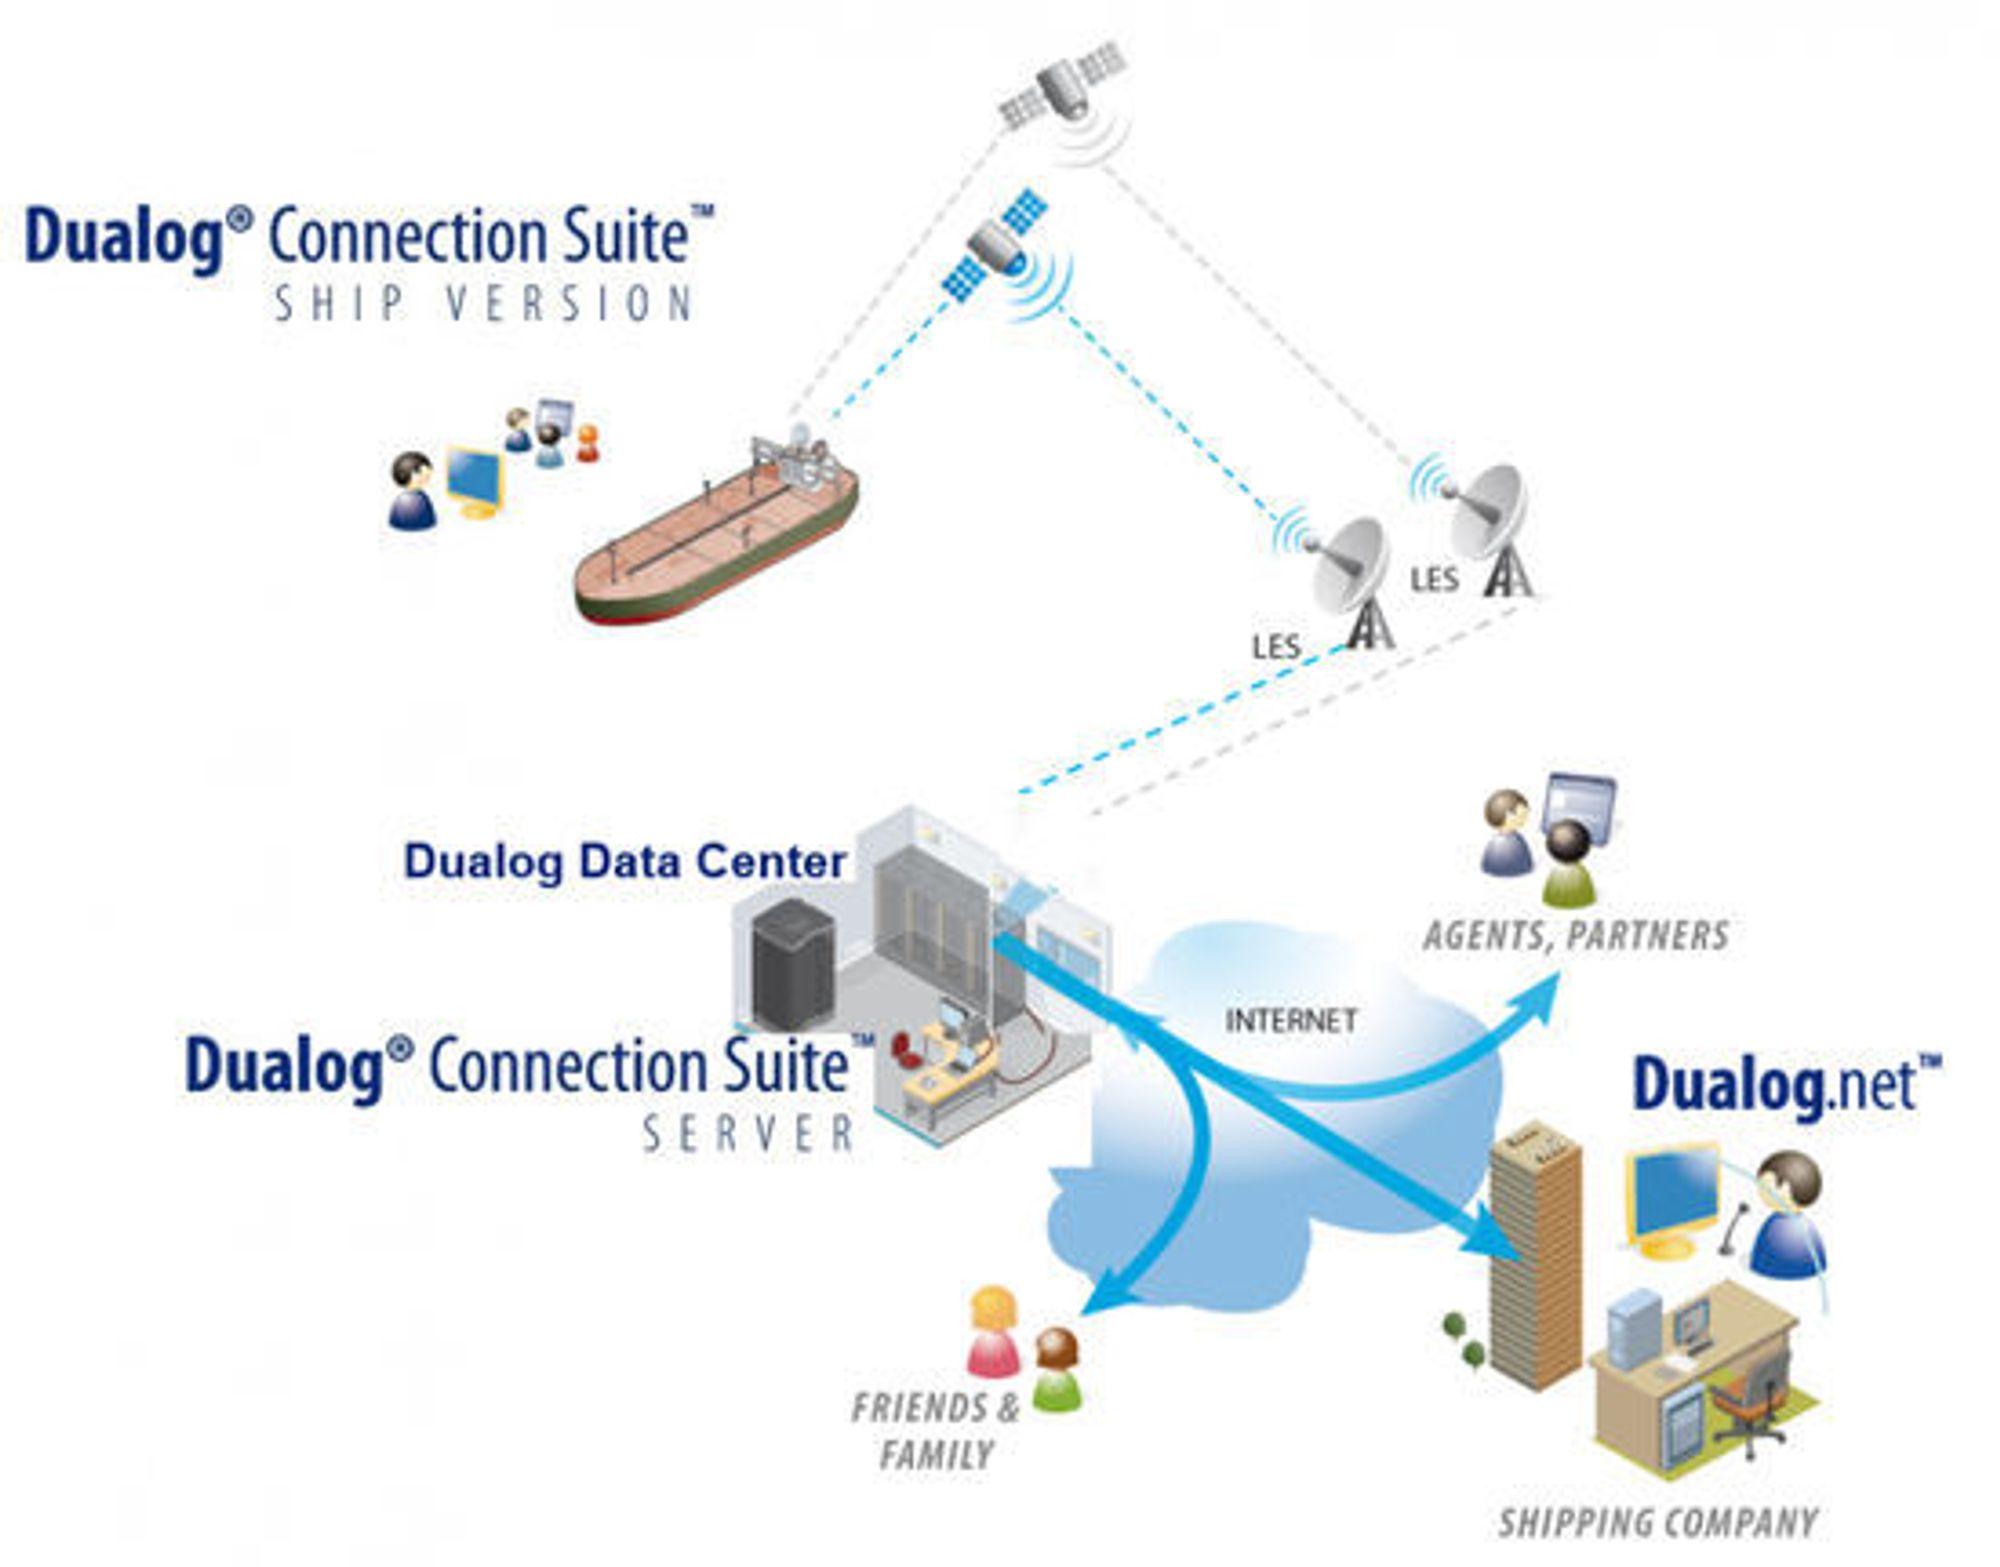 Dualogs løsning gjør at IT-tjenester ombord kan integreres mot systemer på land.